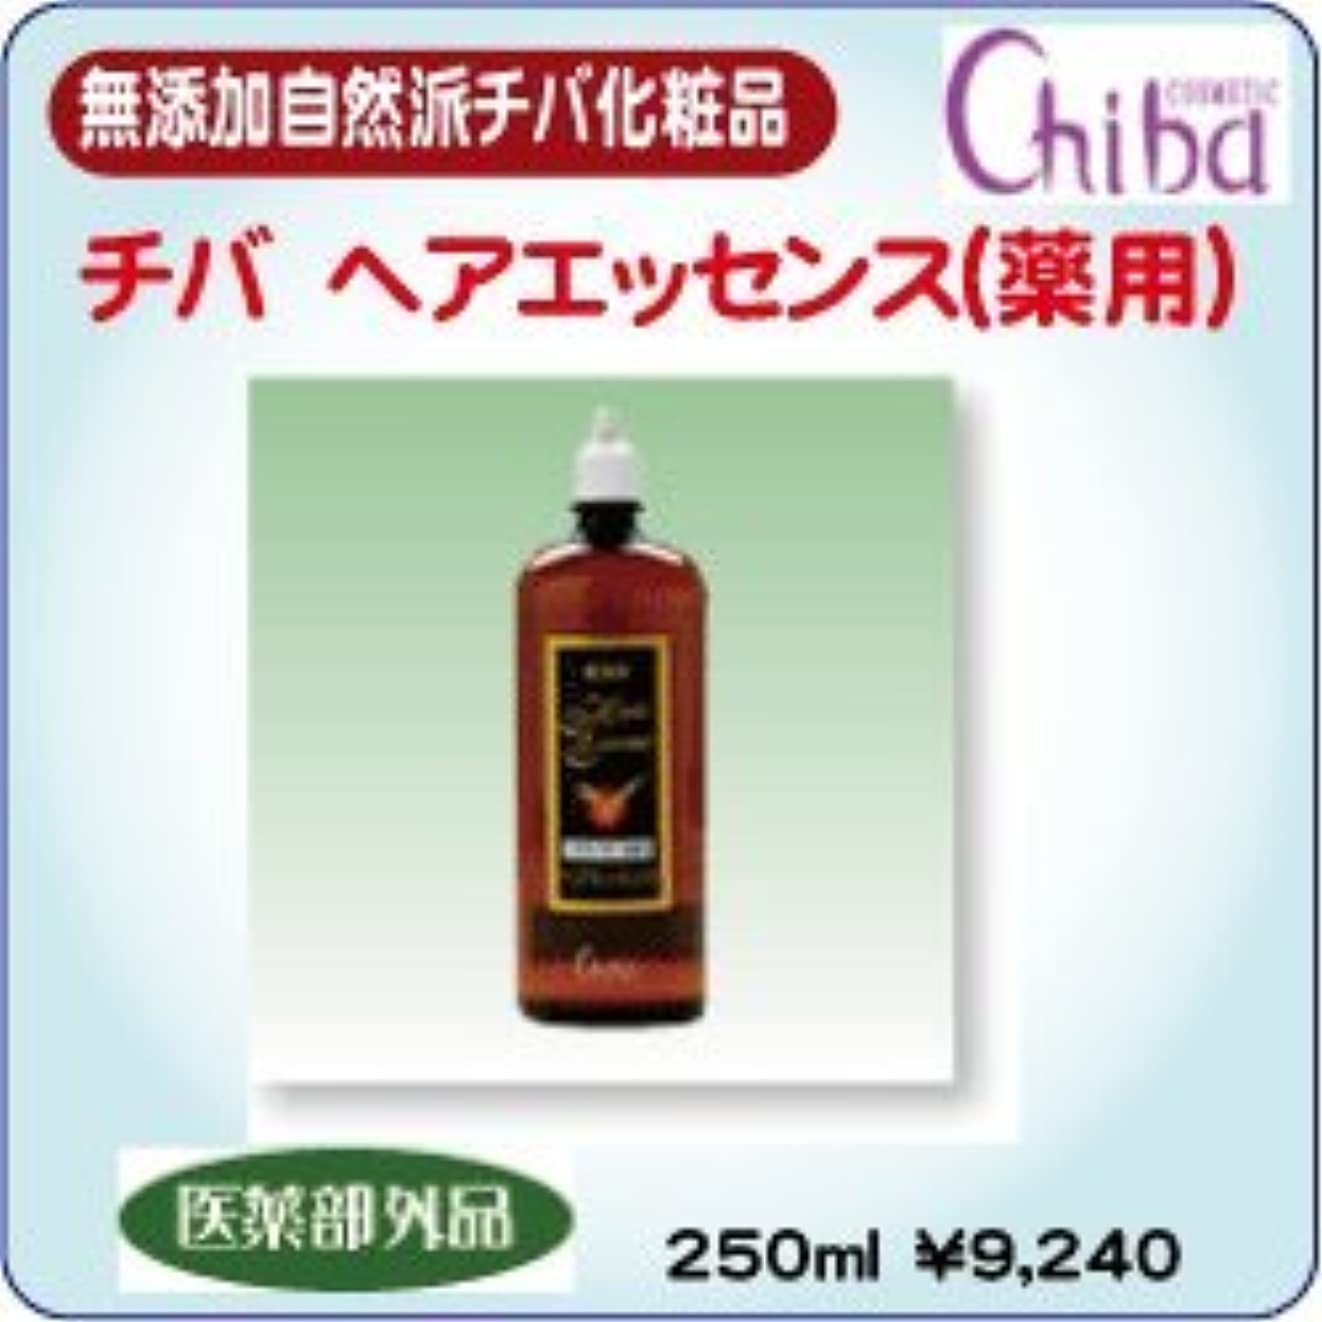 示すシーン凝視チバ ヘアエッセンス(薬用)250ml